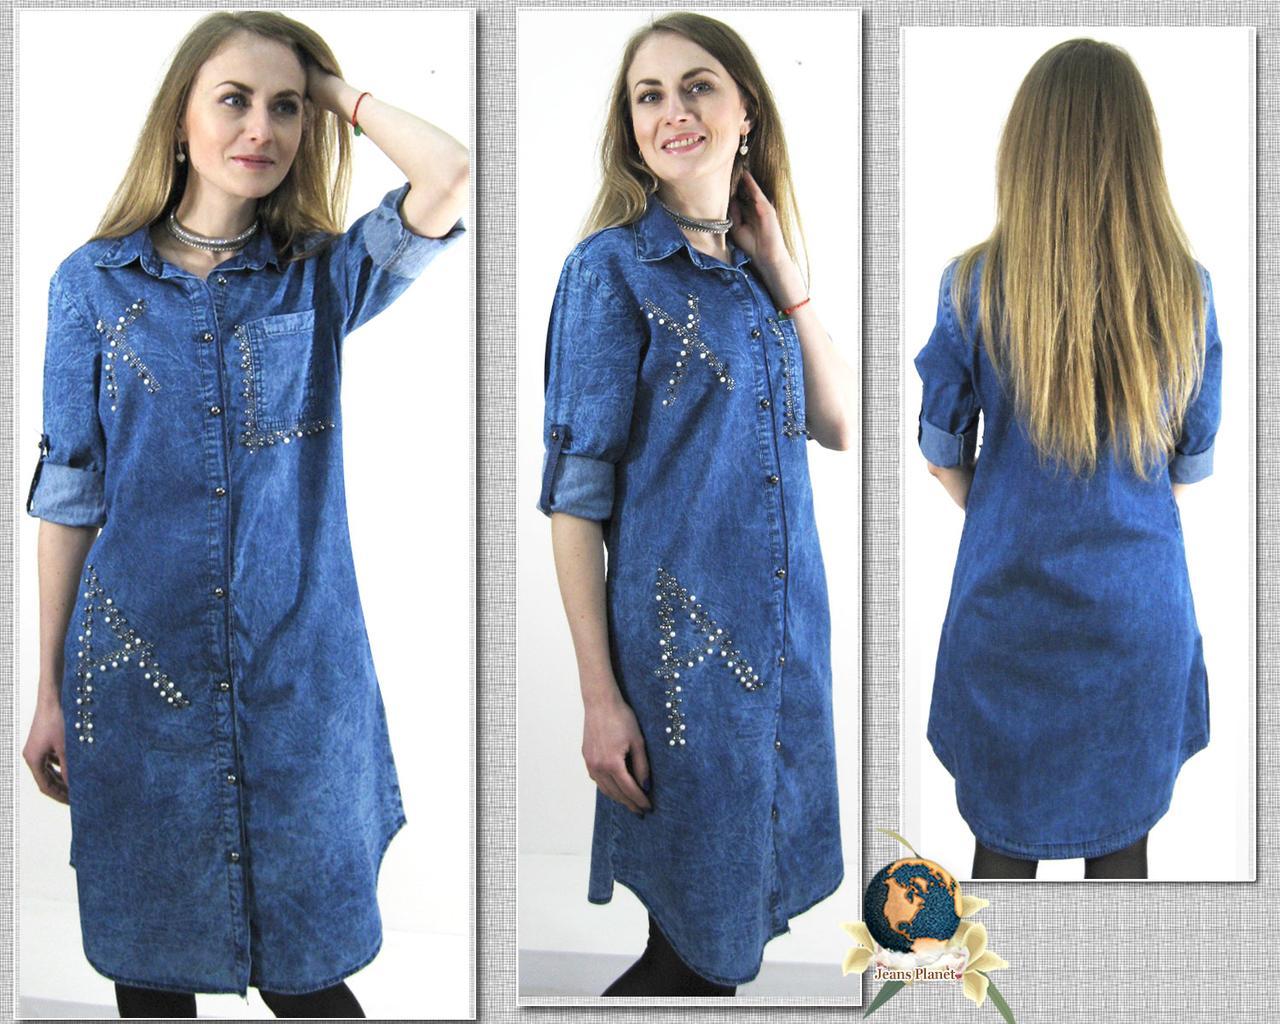 505f2a5942b Модный Женский Джинсовый Сарафан-рубашка Большого Размера Жемчуг — в ...